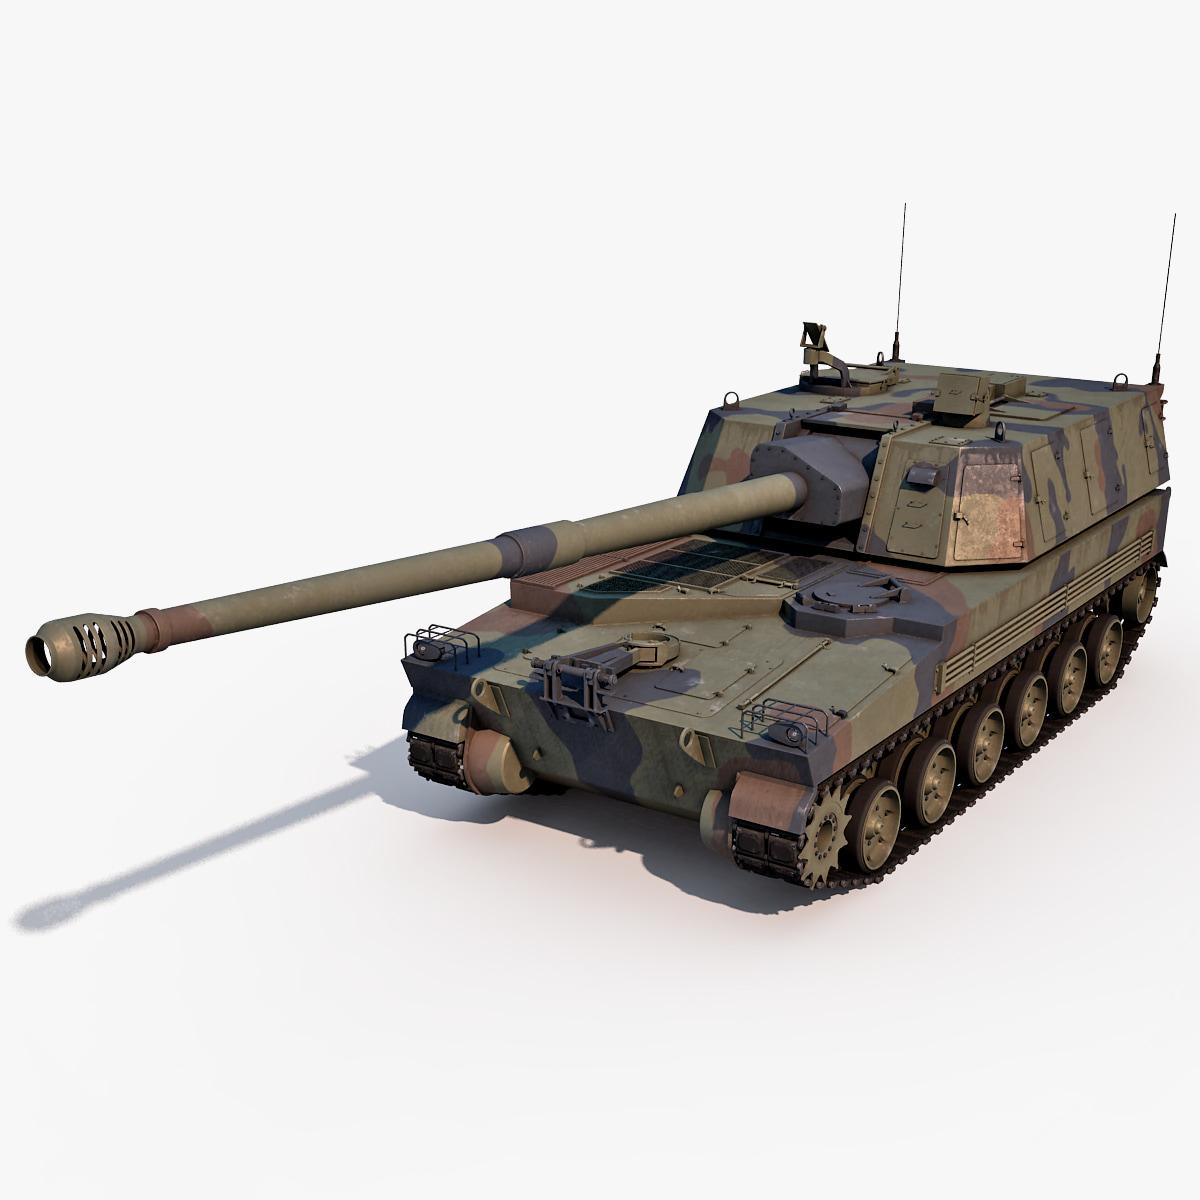 Korean_Howitzer_K9_Thunder_v1_0000.jpg